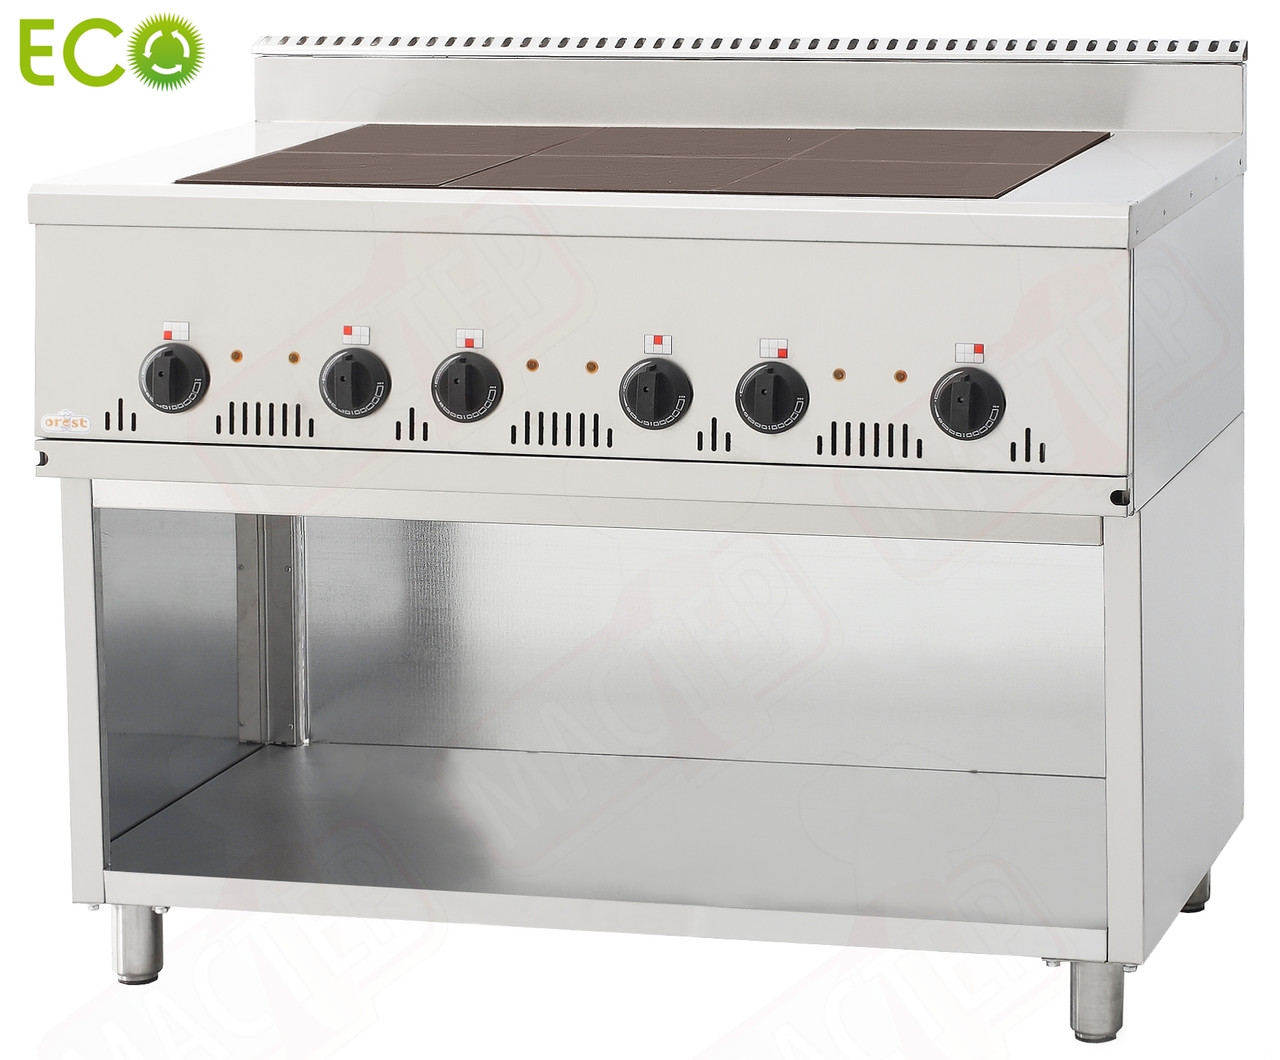 Профессиональная плита промышленная  Orest ECO ПЭ-6-Н (0,54) 700 ЕСО